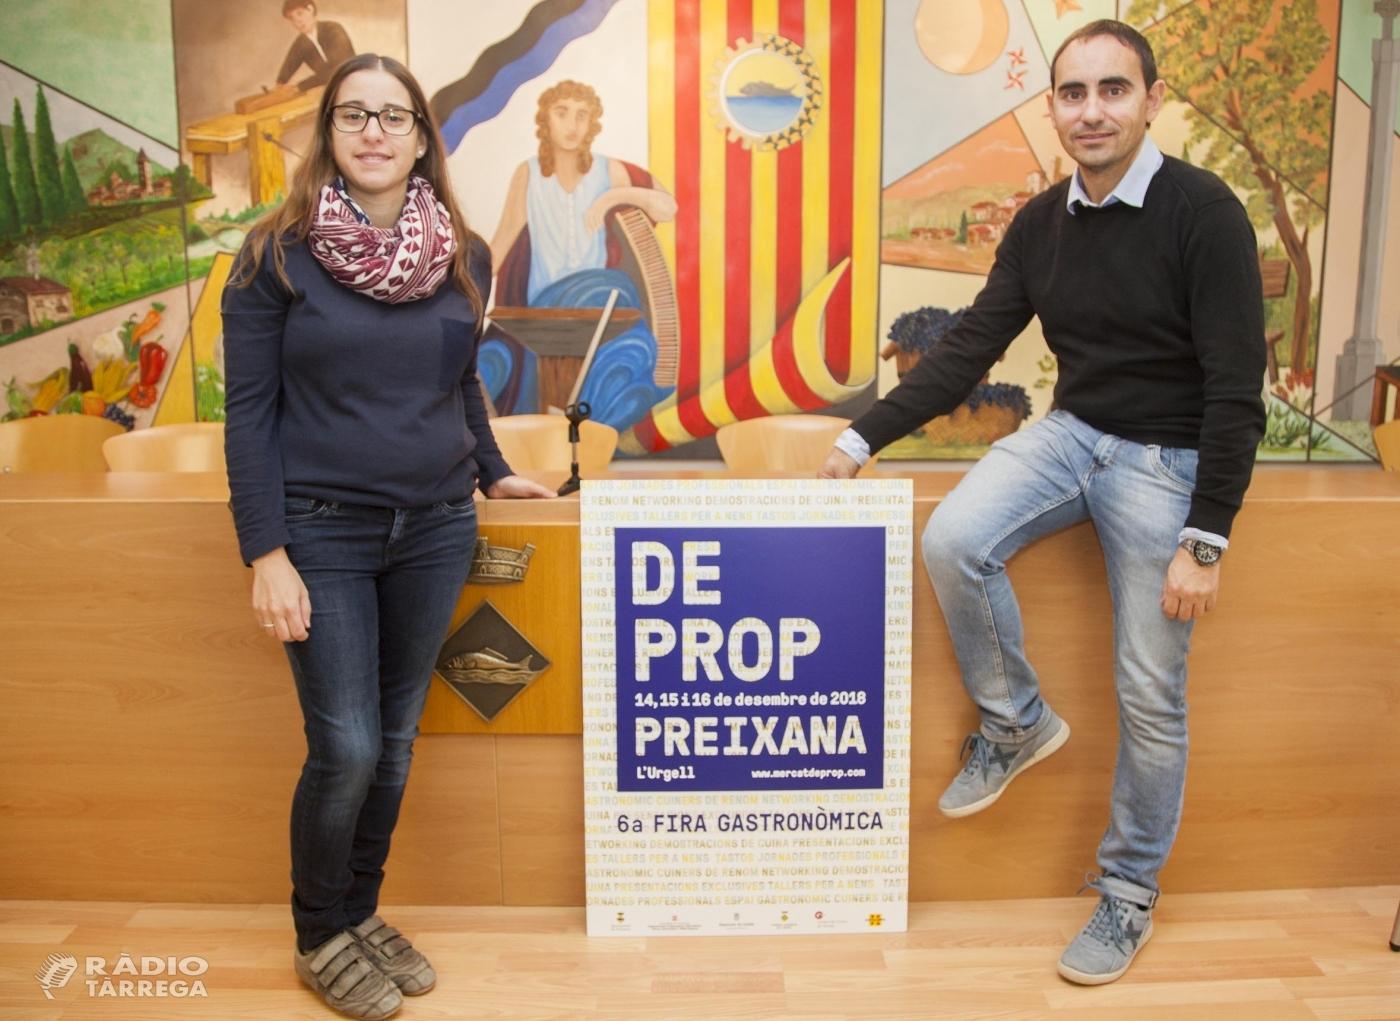 Preixana aposta per la formació dels productors de proximitat en la 6a fira gastronòmica De Prop